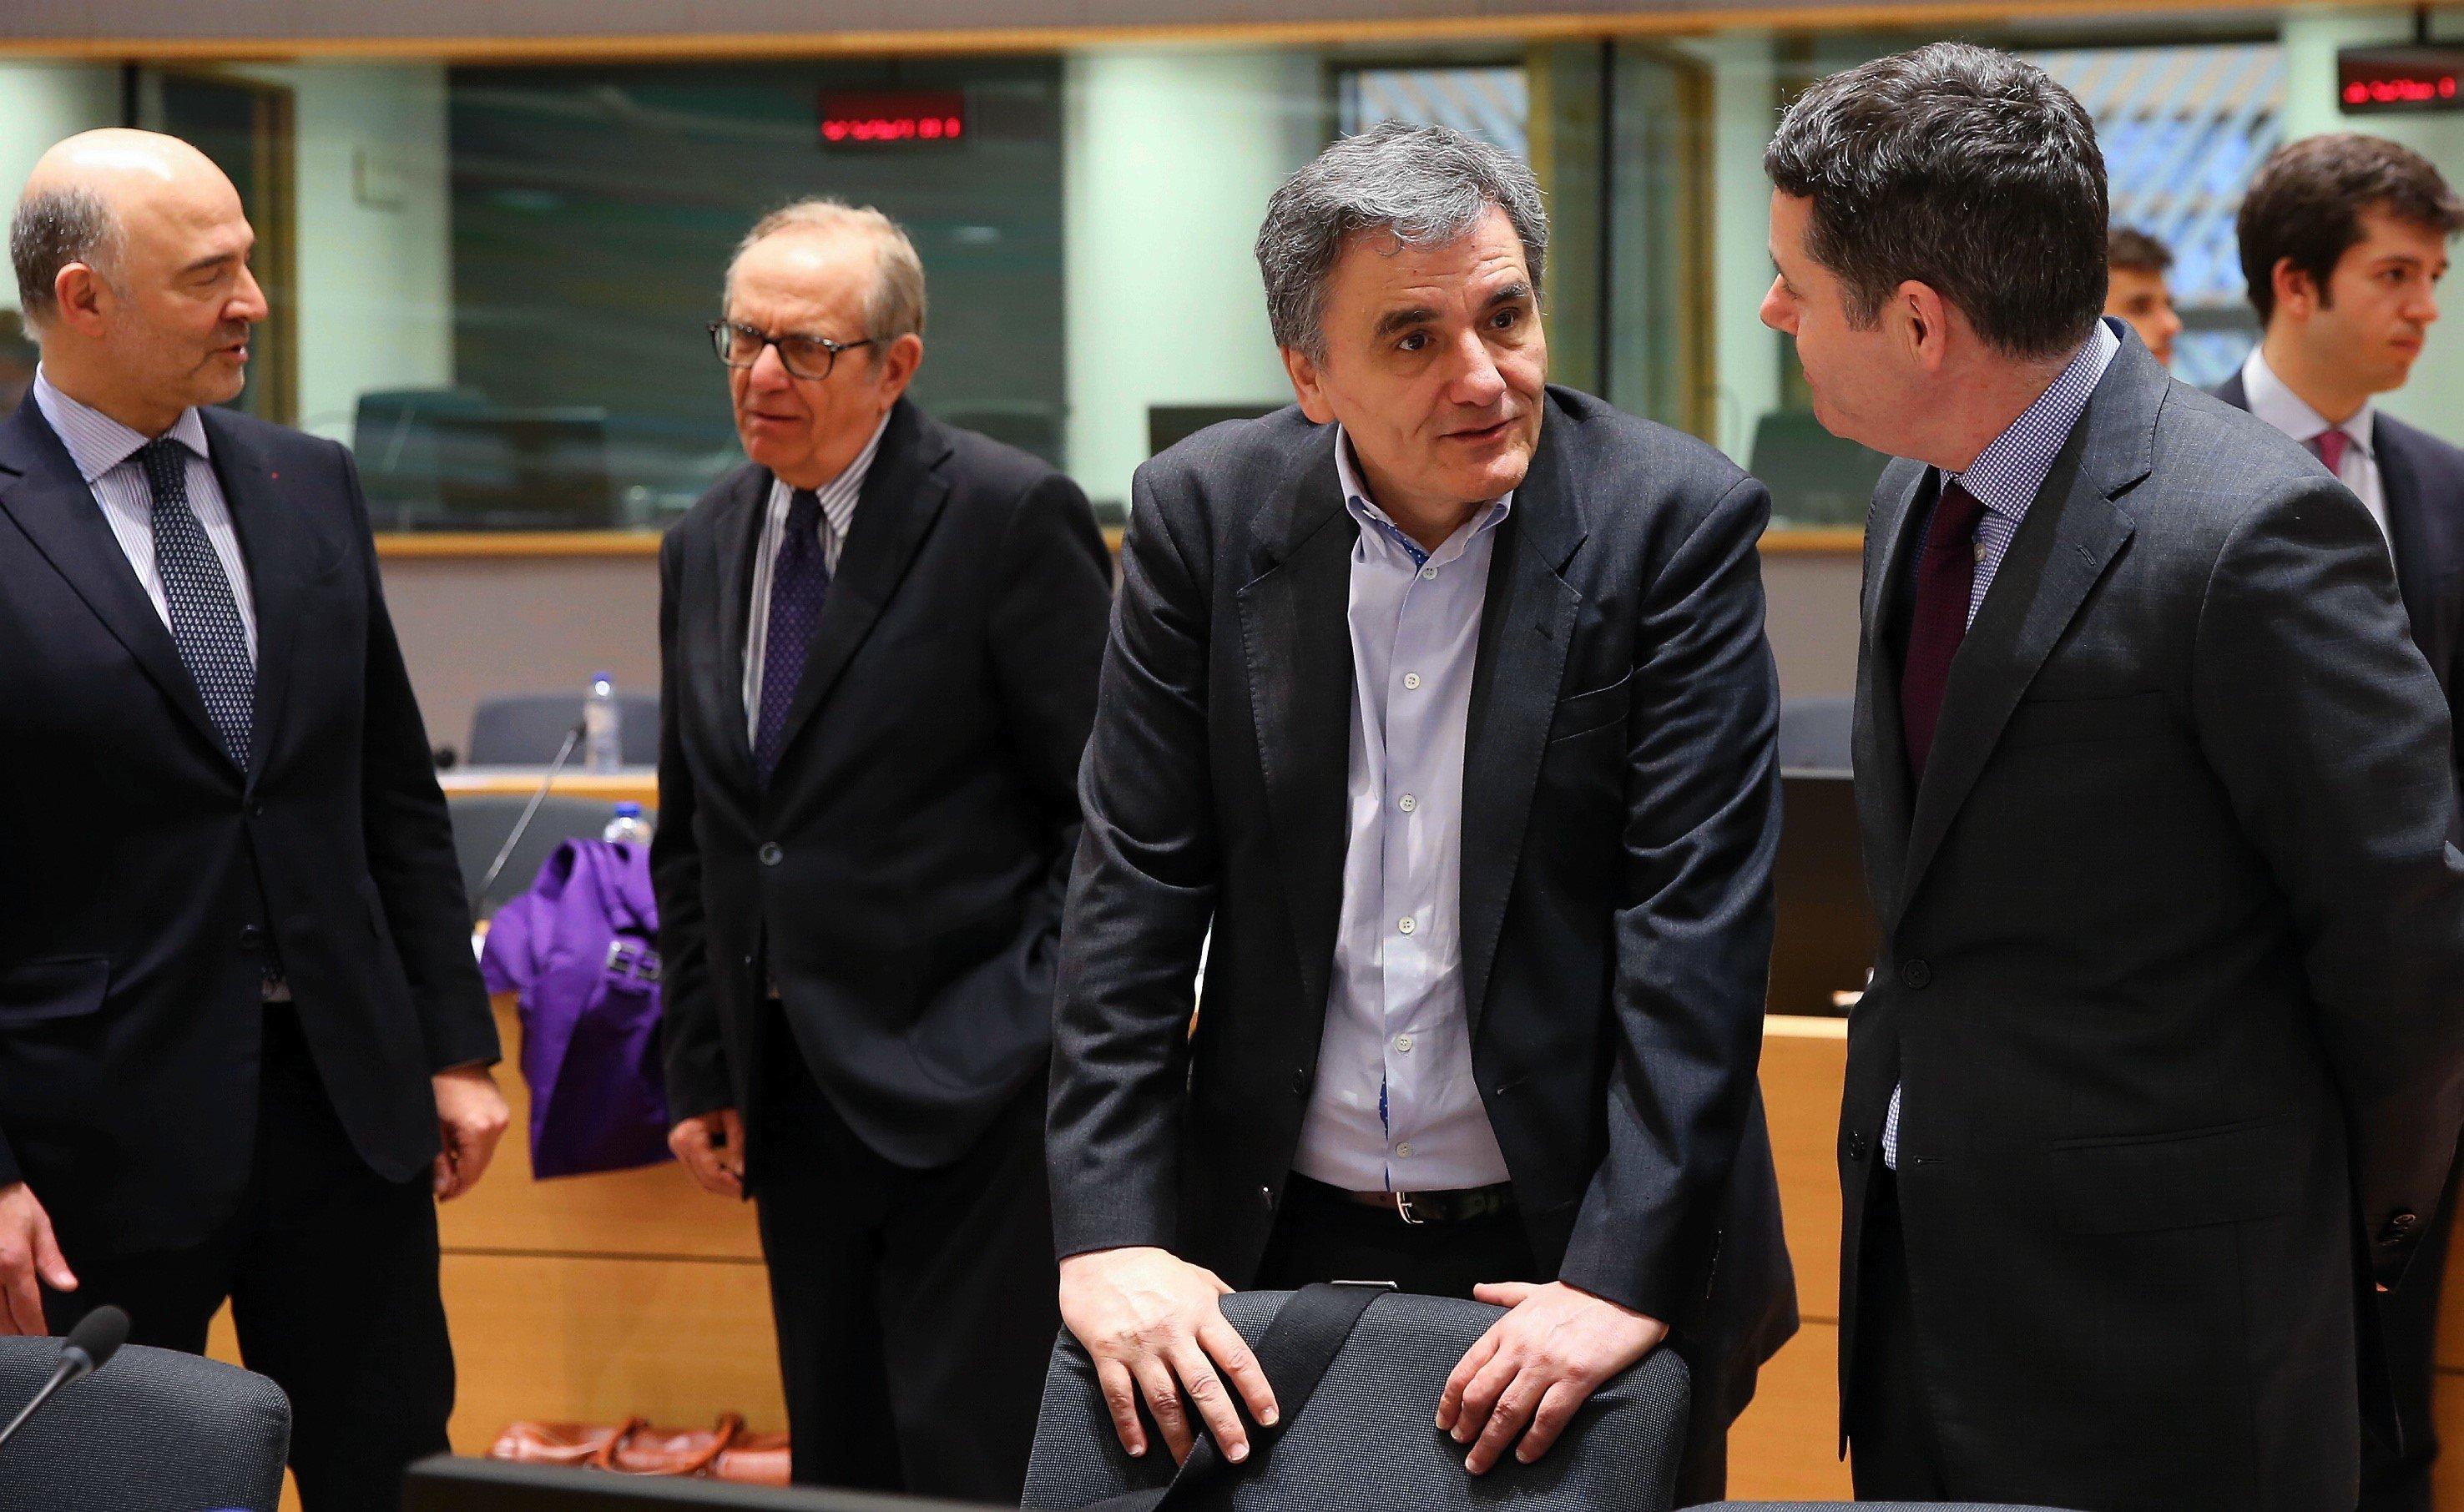 Η Ελλάδα πρώτο θέμα στην ατζέντα του Eurogroup: Τι θα ζητήσουν οι ΥΠΟΙΚ της